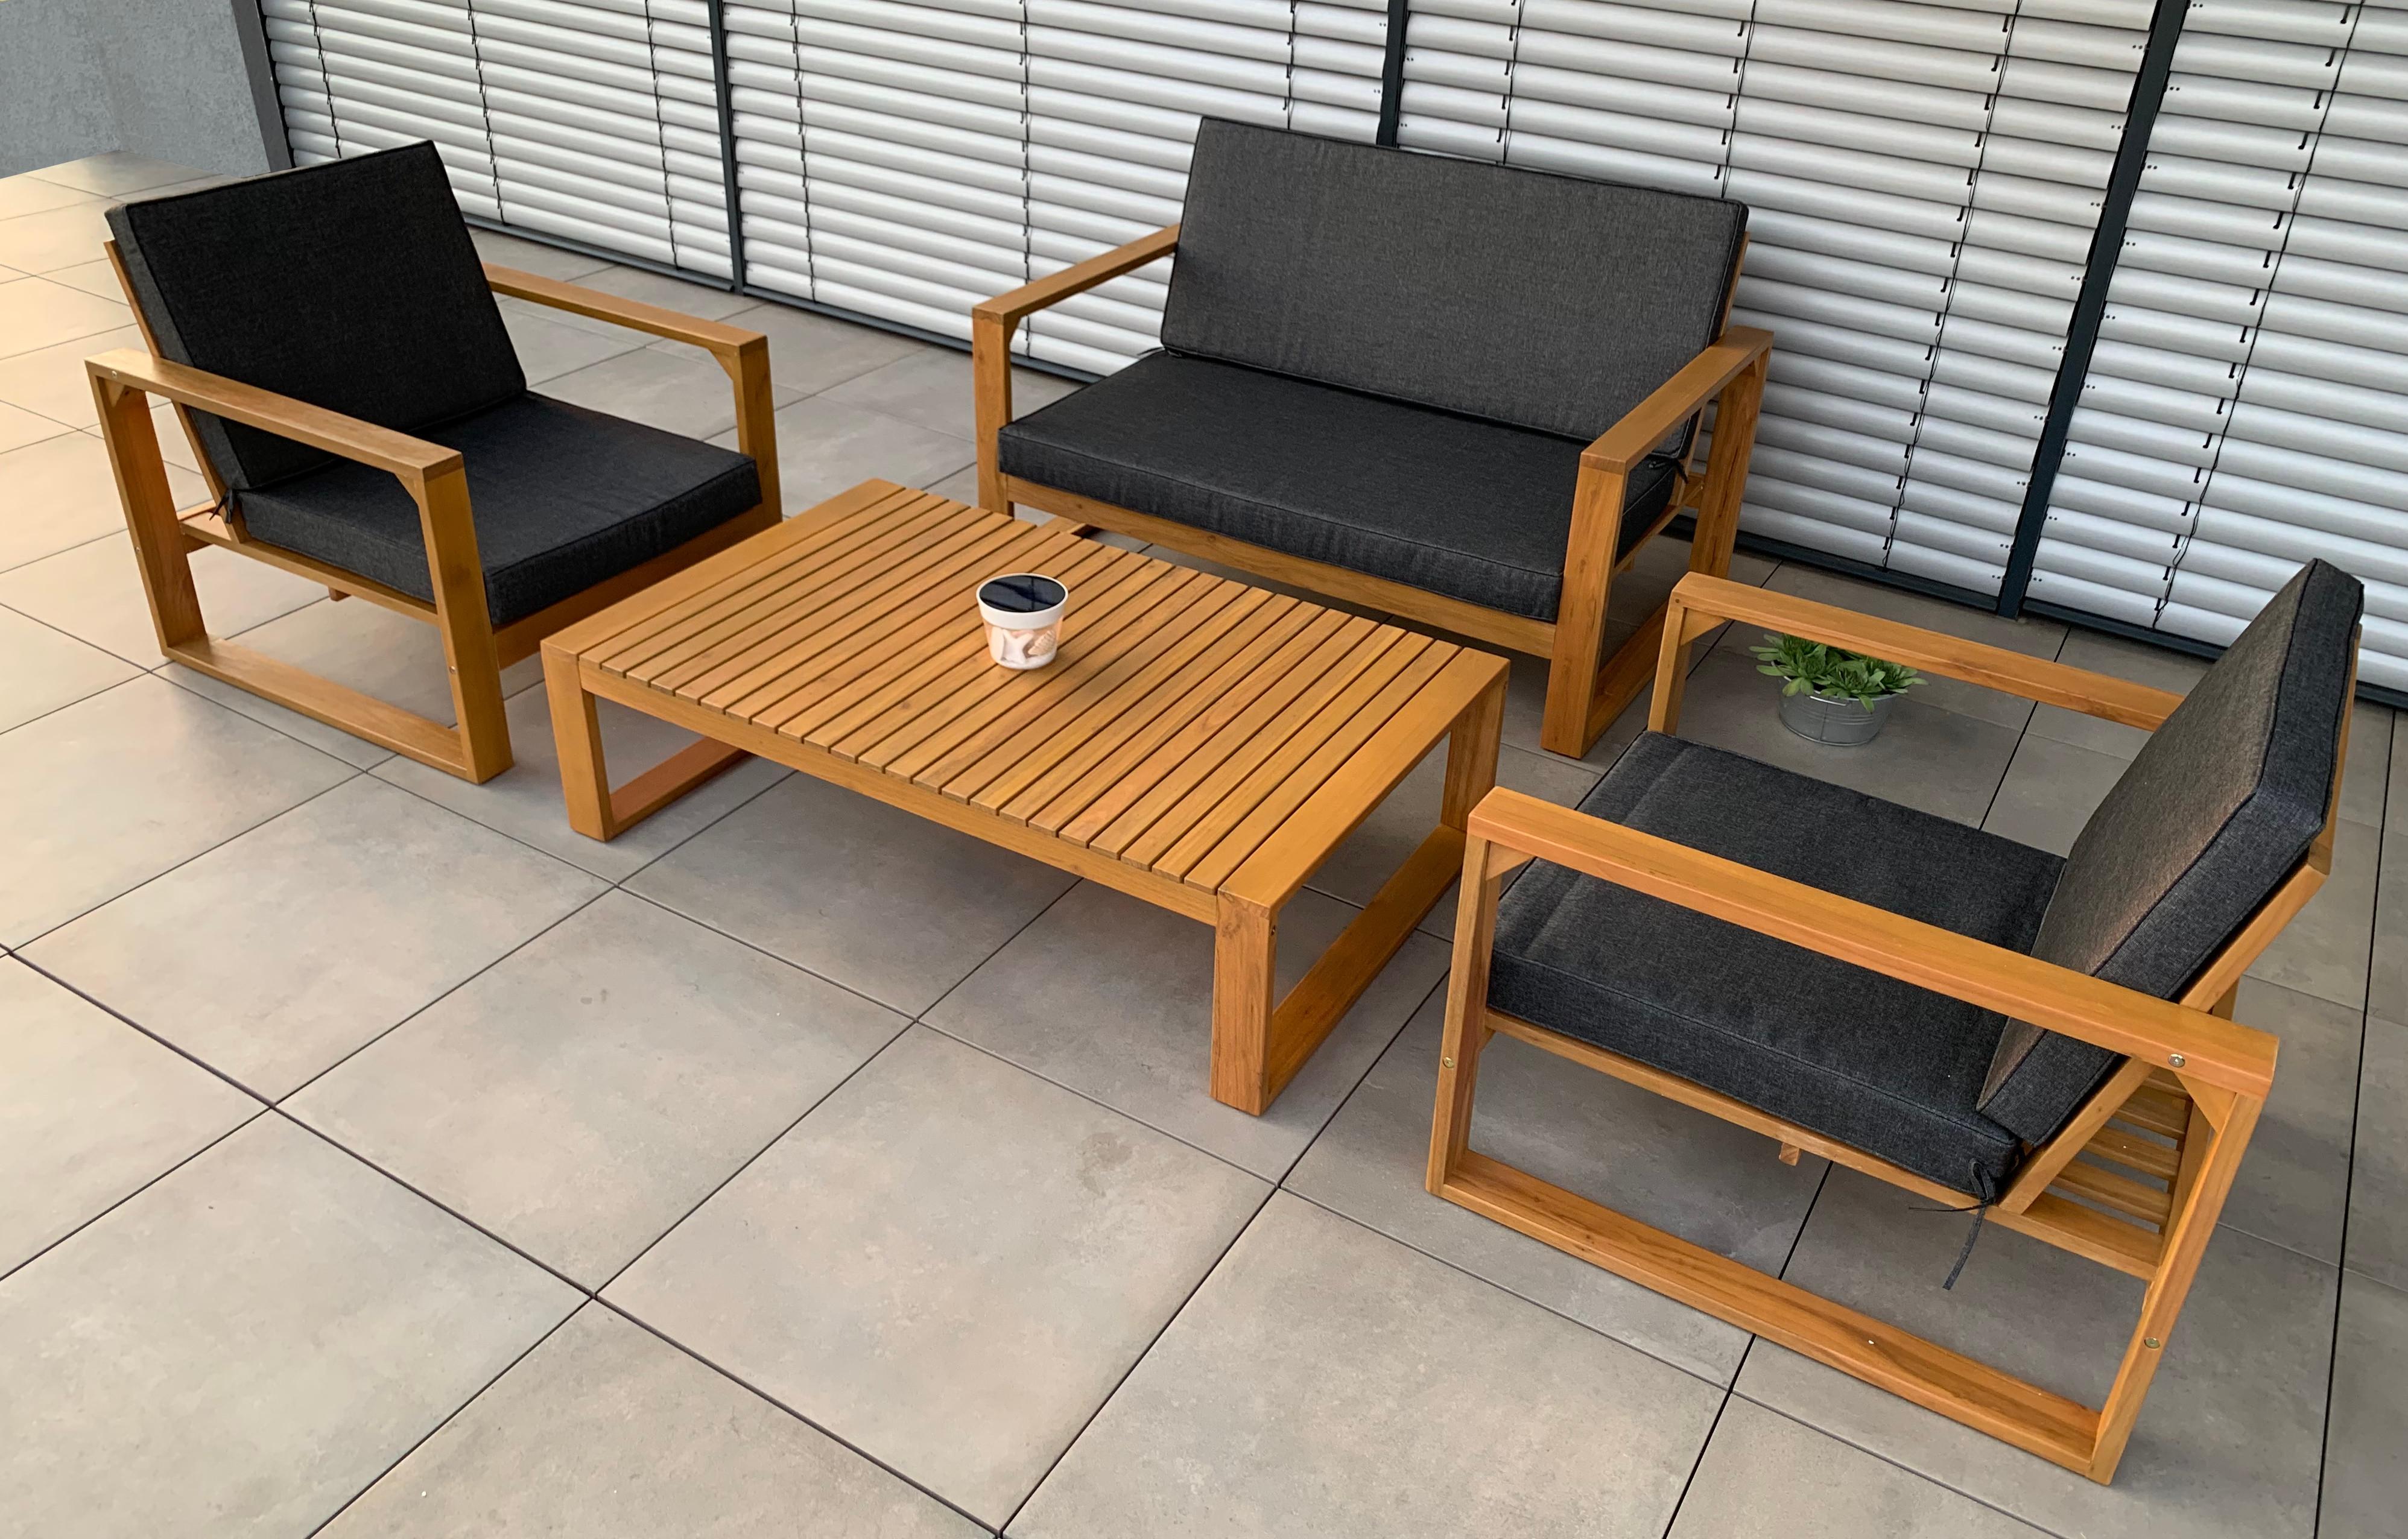 Details Zu Vanvilla Gartenmobel Lounge Set Luxambour 1 Tisch 1 Bank 2 Sessel Auflage Grau